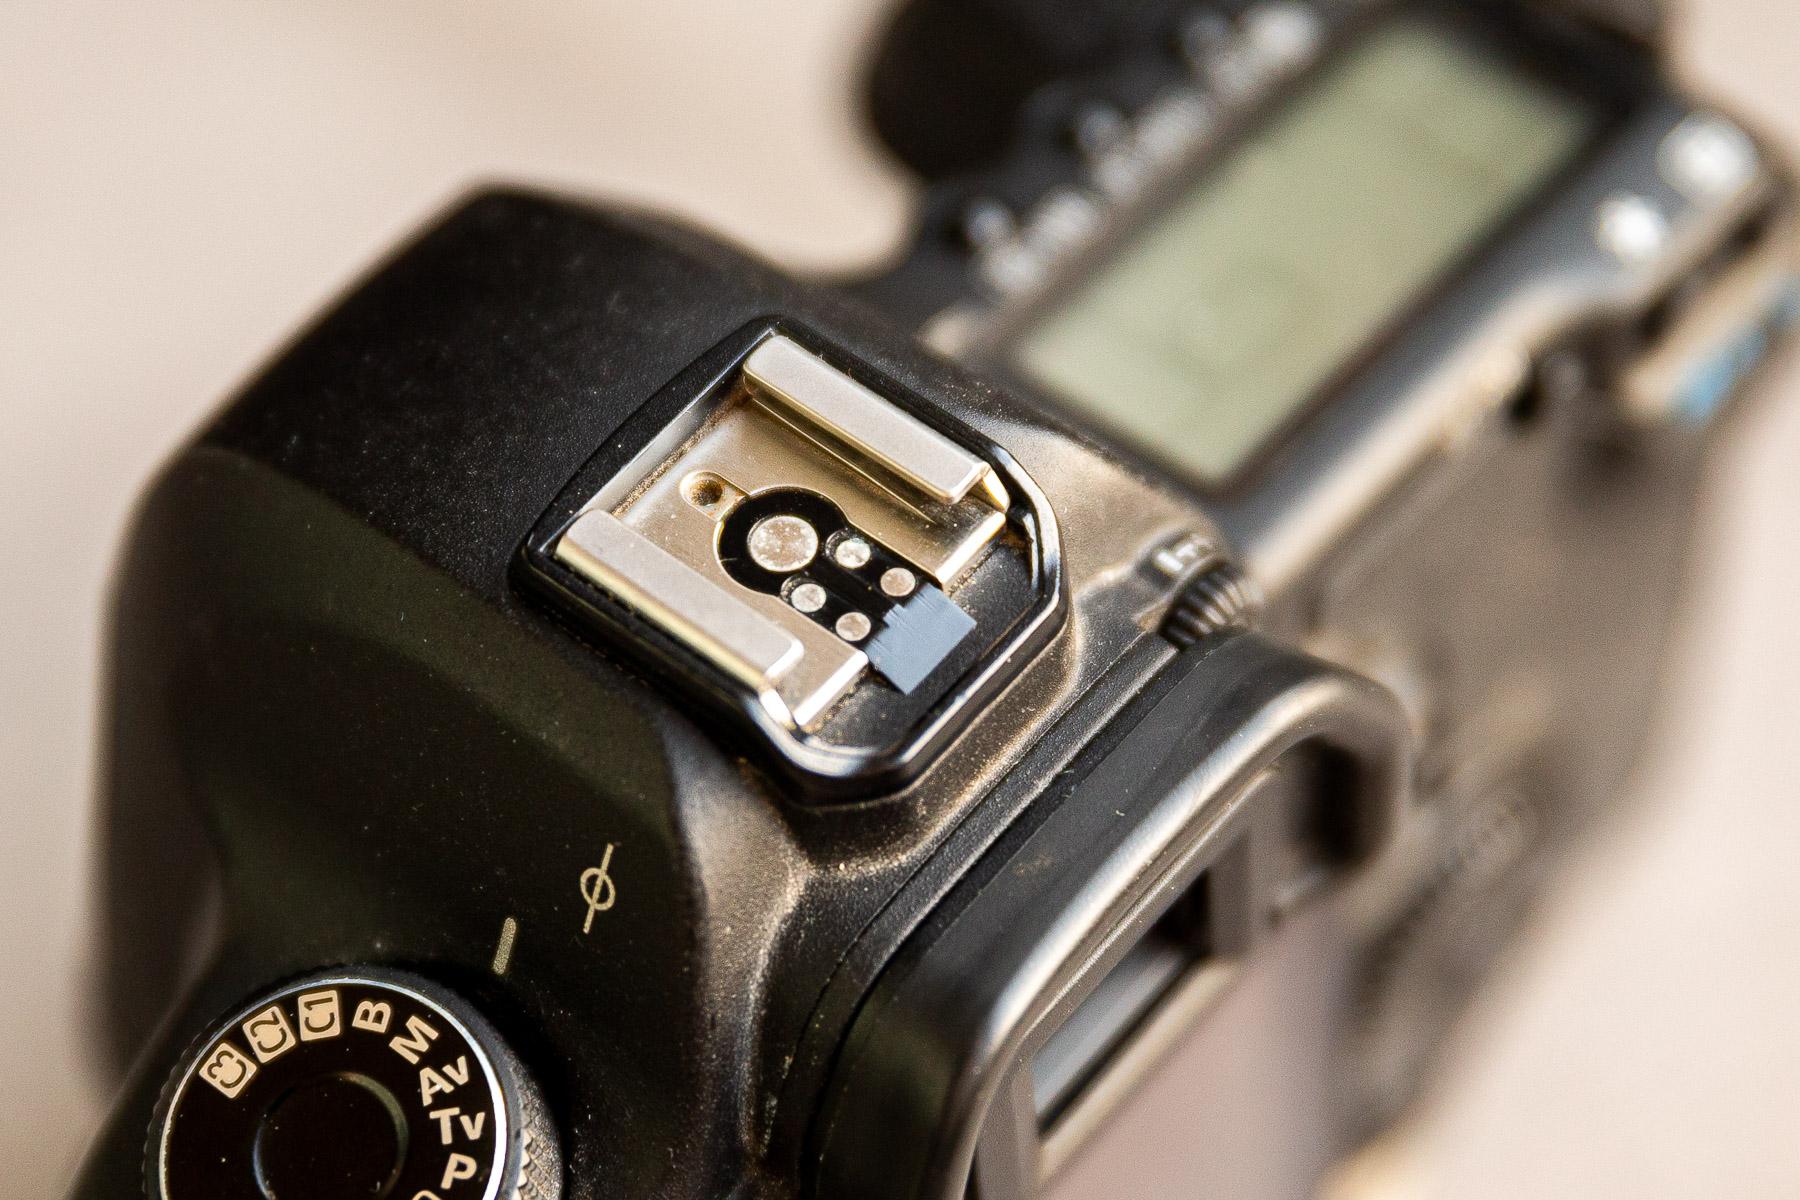 Canon EOS 5D Mark II tweedehands